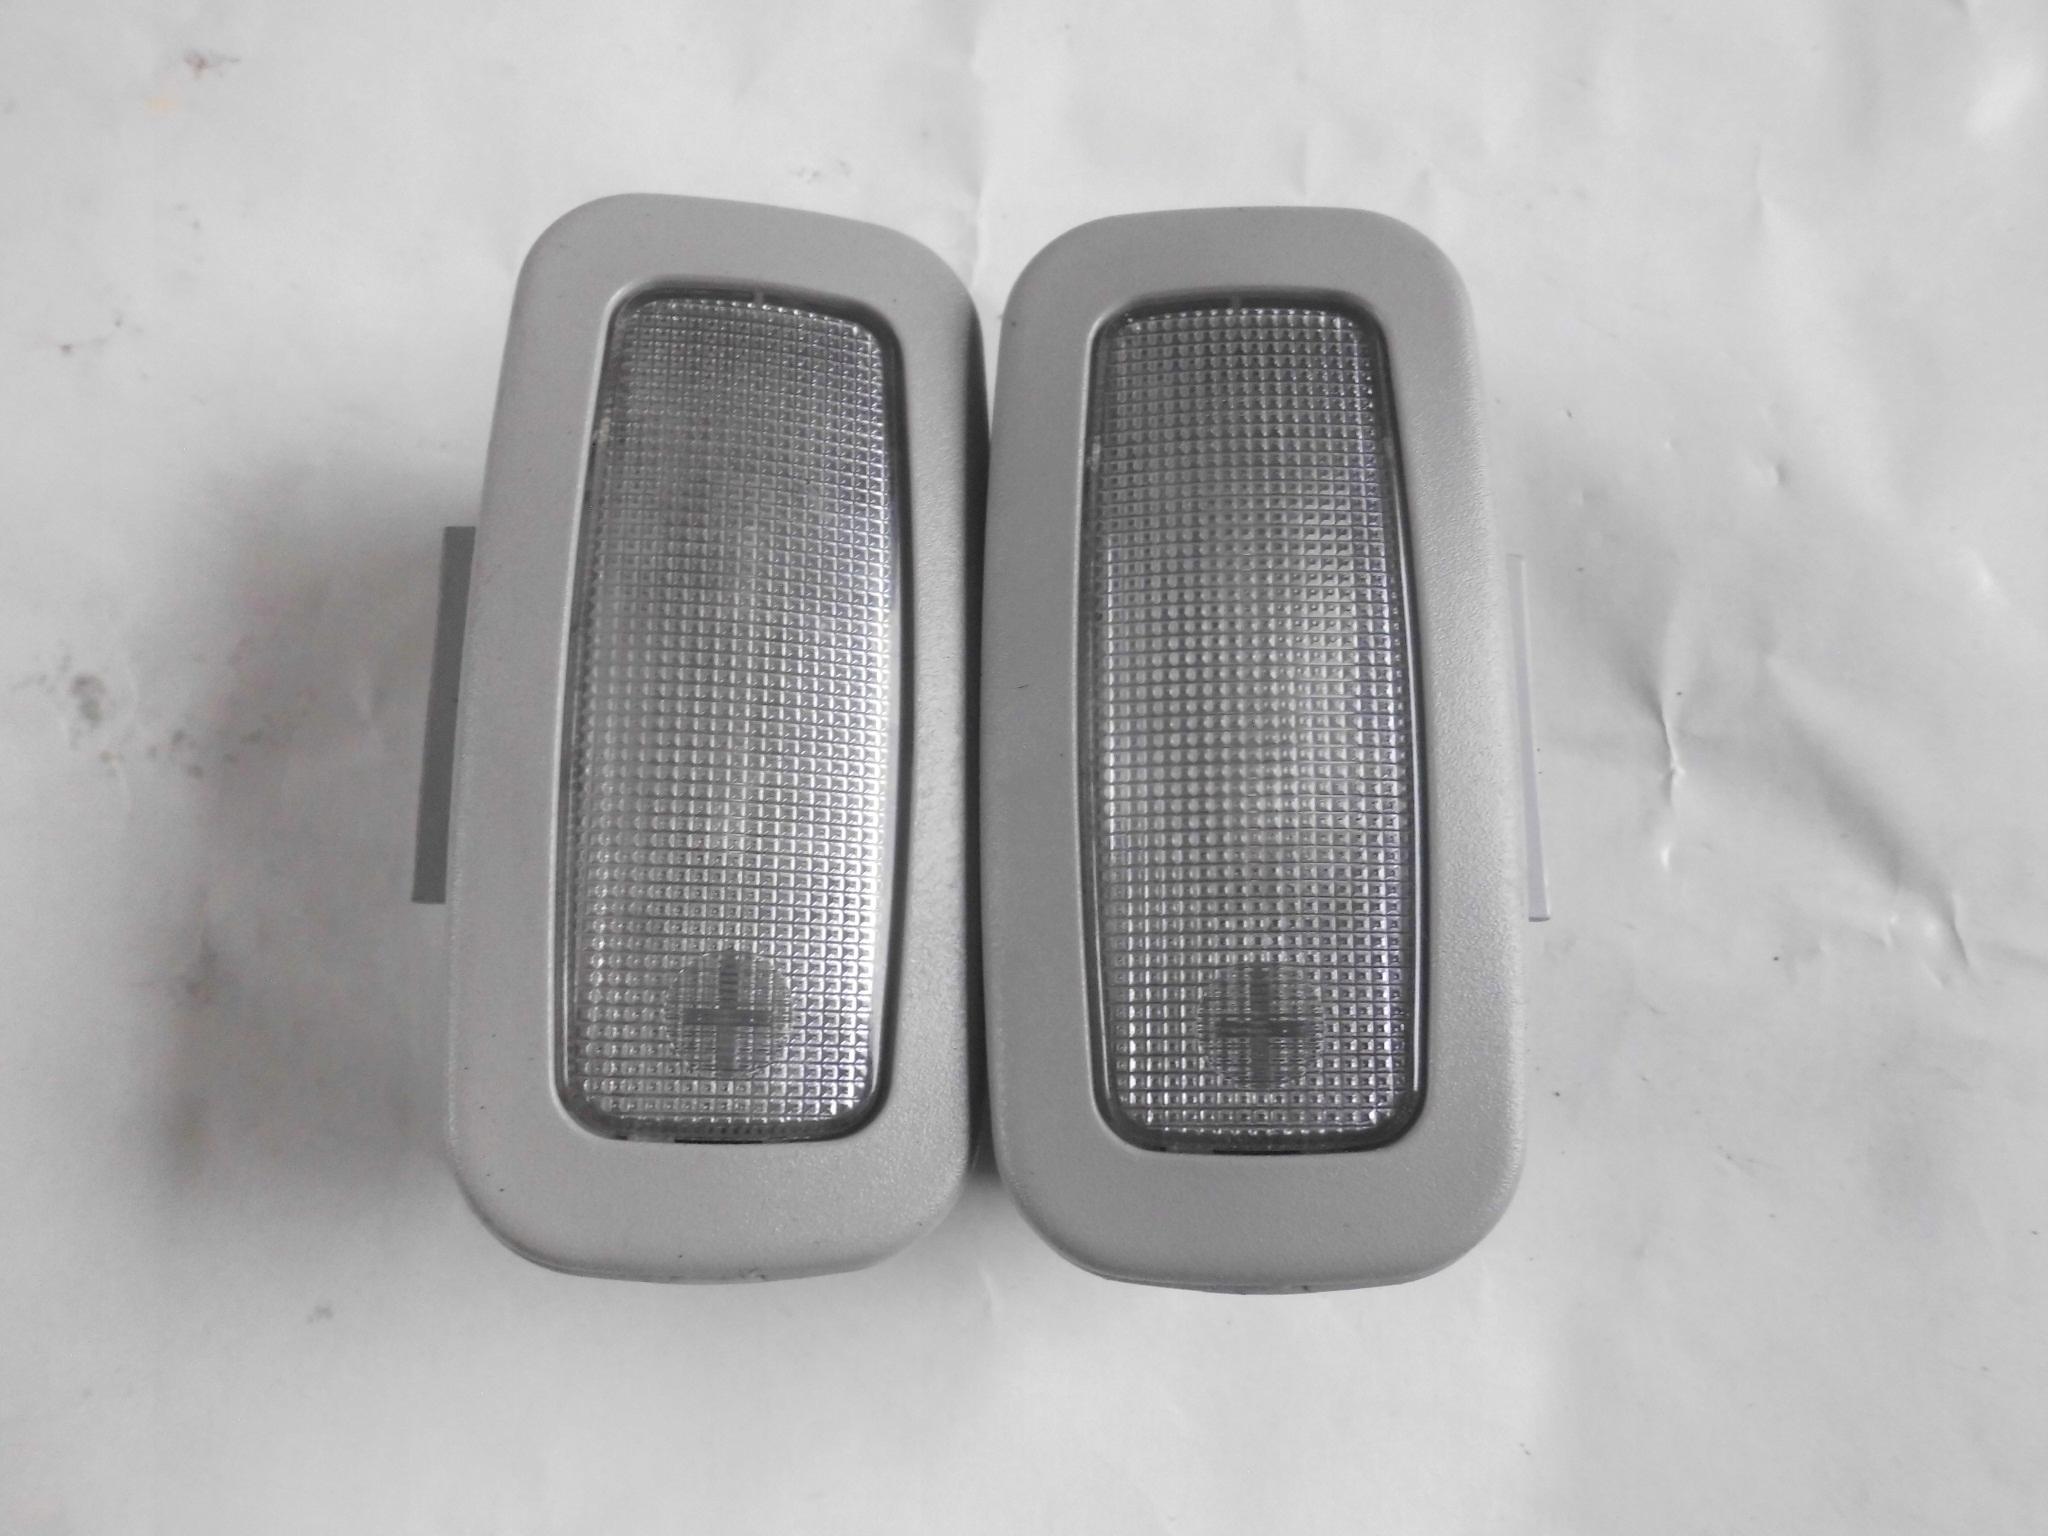 Fiat Bravo 2 Ii Lampka Oświetlenie Wnętrza 6797264093